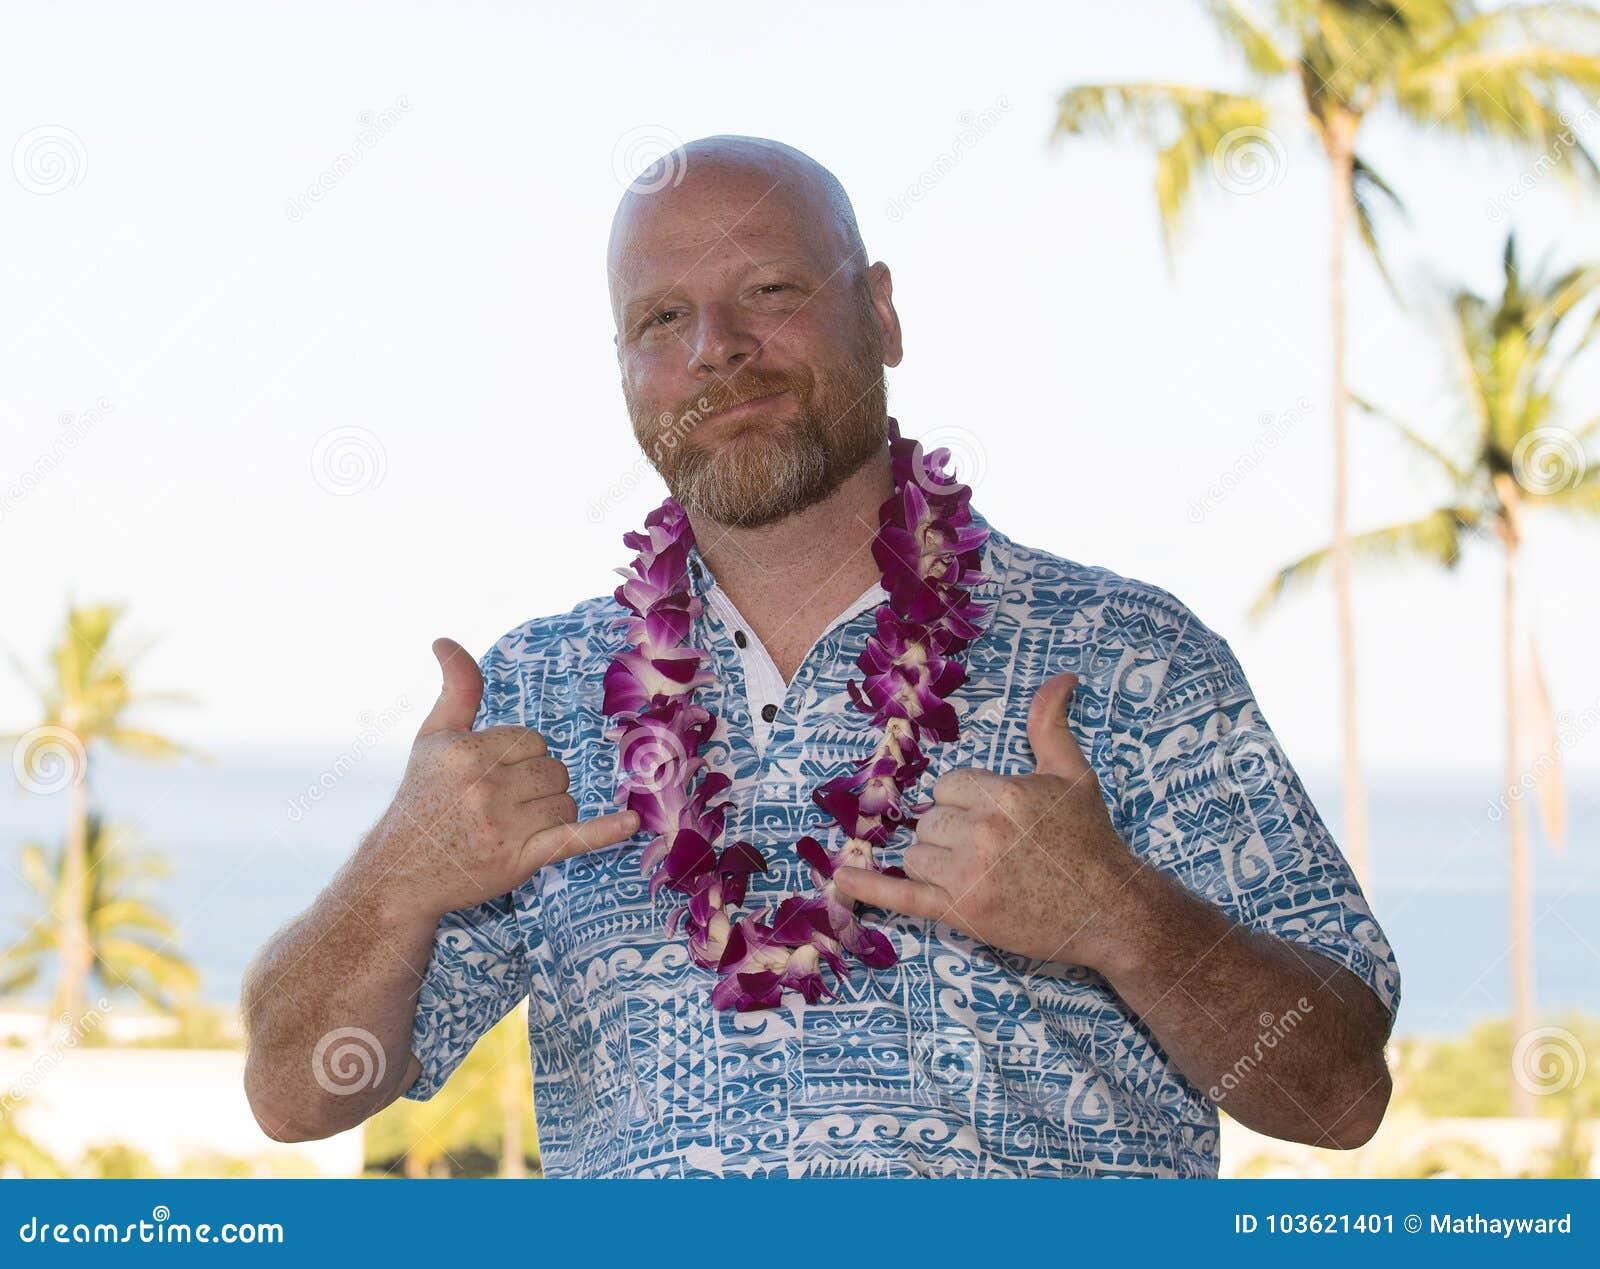 [Image: adult-man-hawaiian-vacation-wearing-fres...621401.jpg]